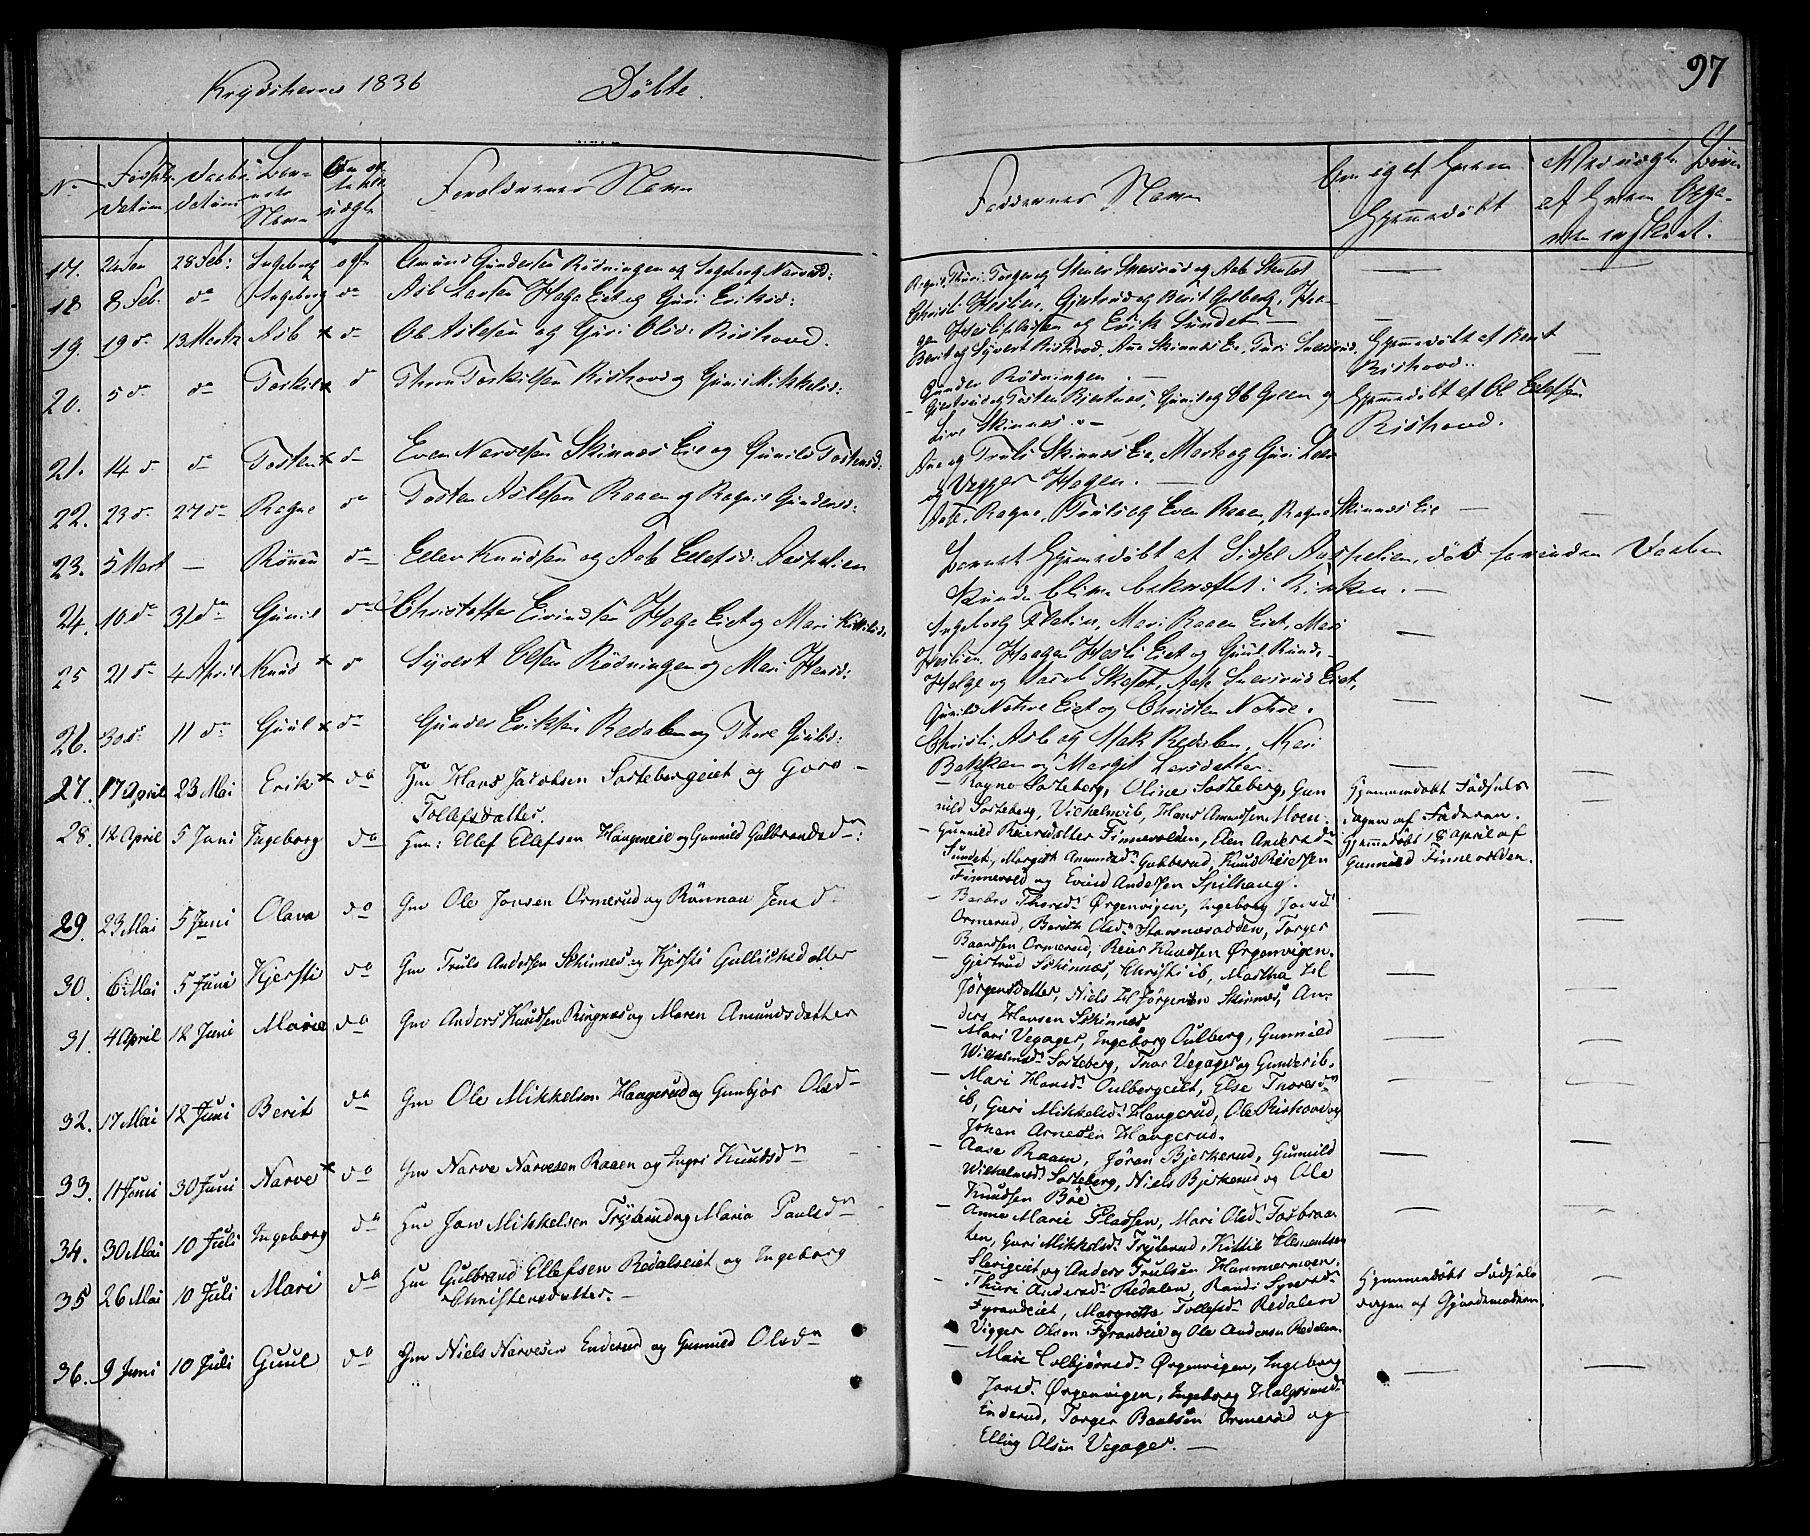 SAKO, Sigdal kirkebøker, F/Fa/L0006: Ministerialbok nr. I 6 /3, 1829-1843, s. 97